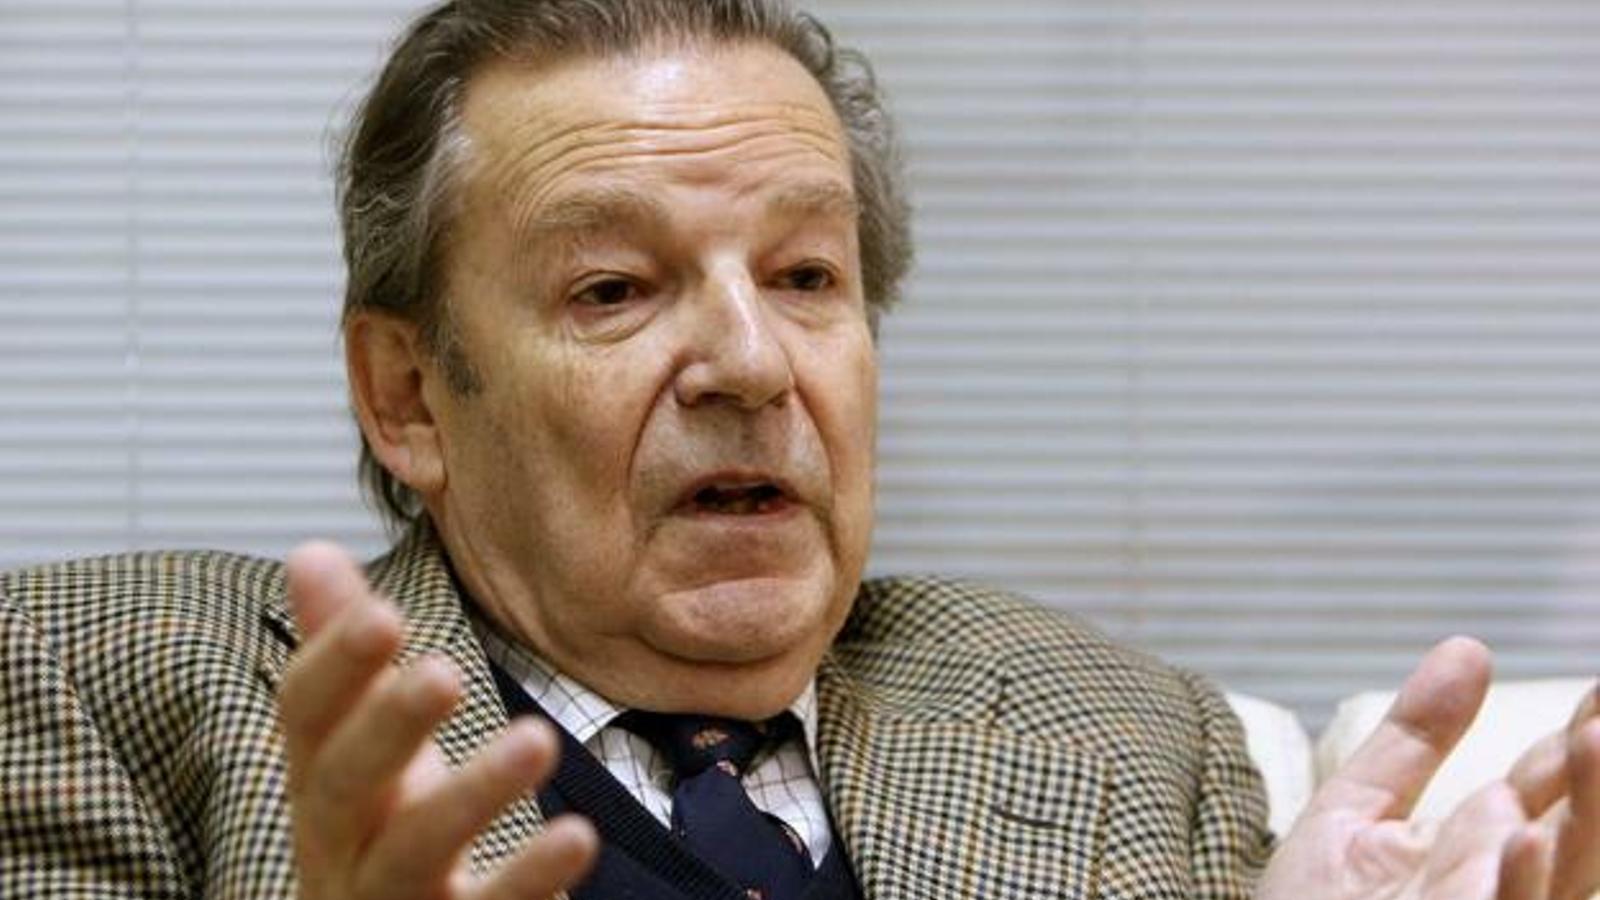 L'escriptor Luis Racionero en una imatge d'arxiu.